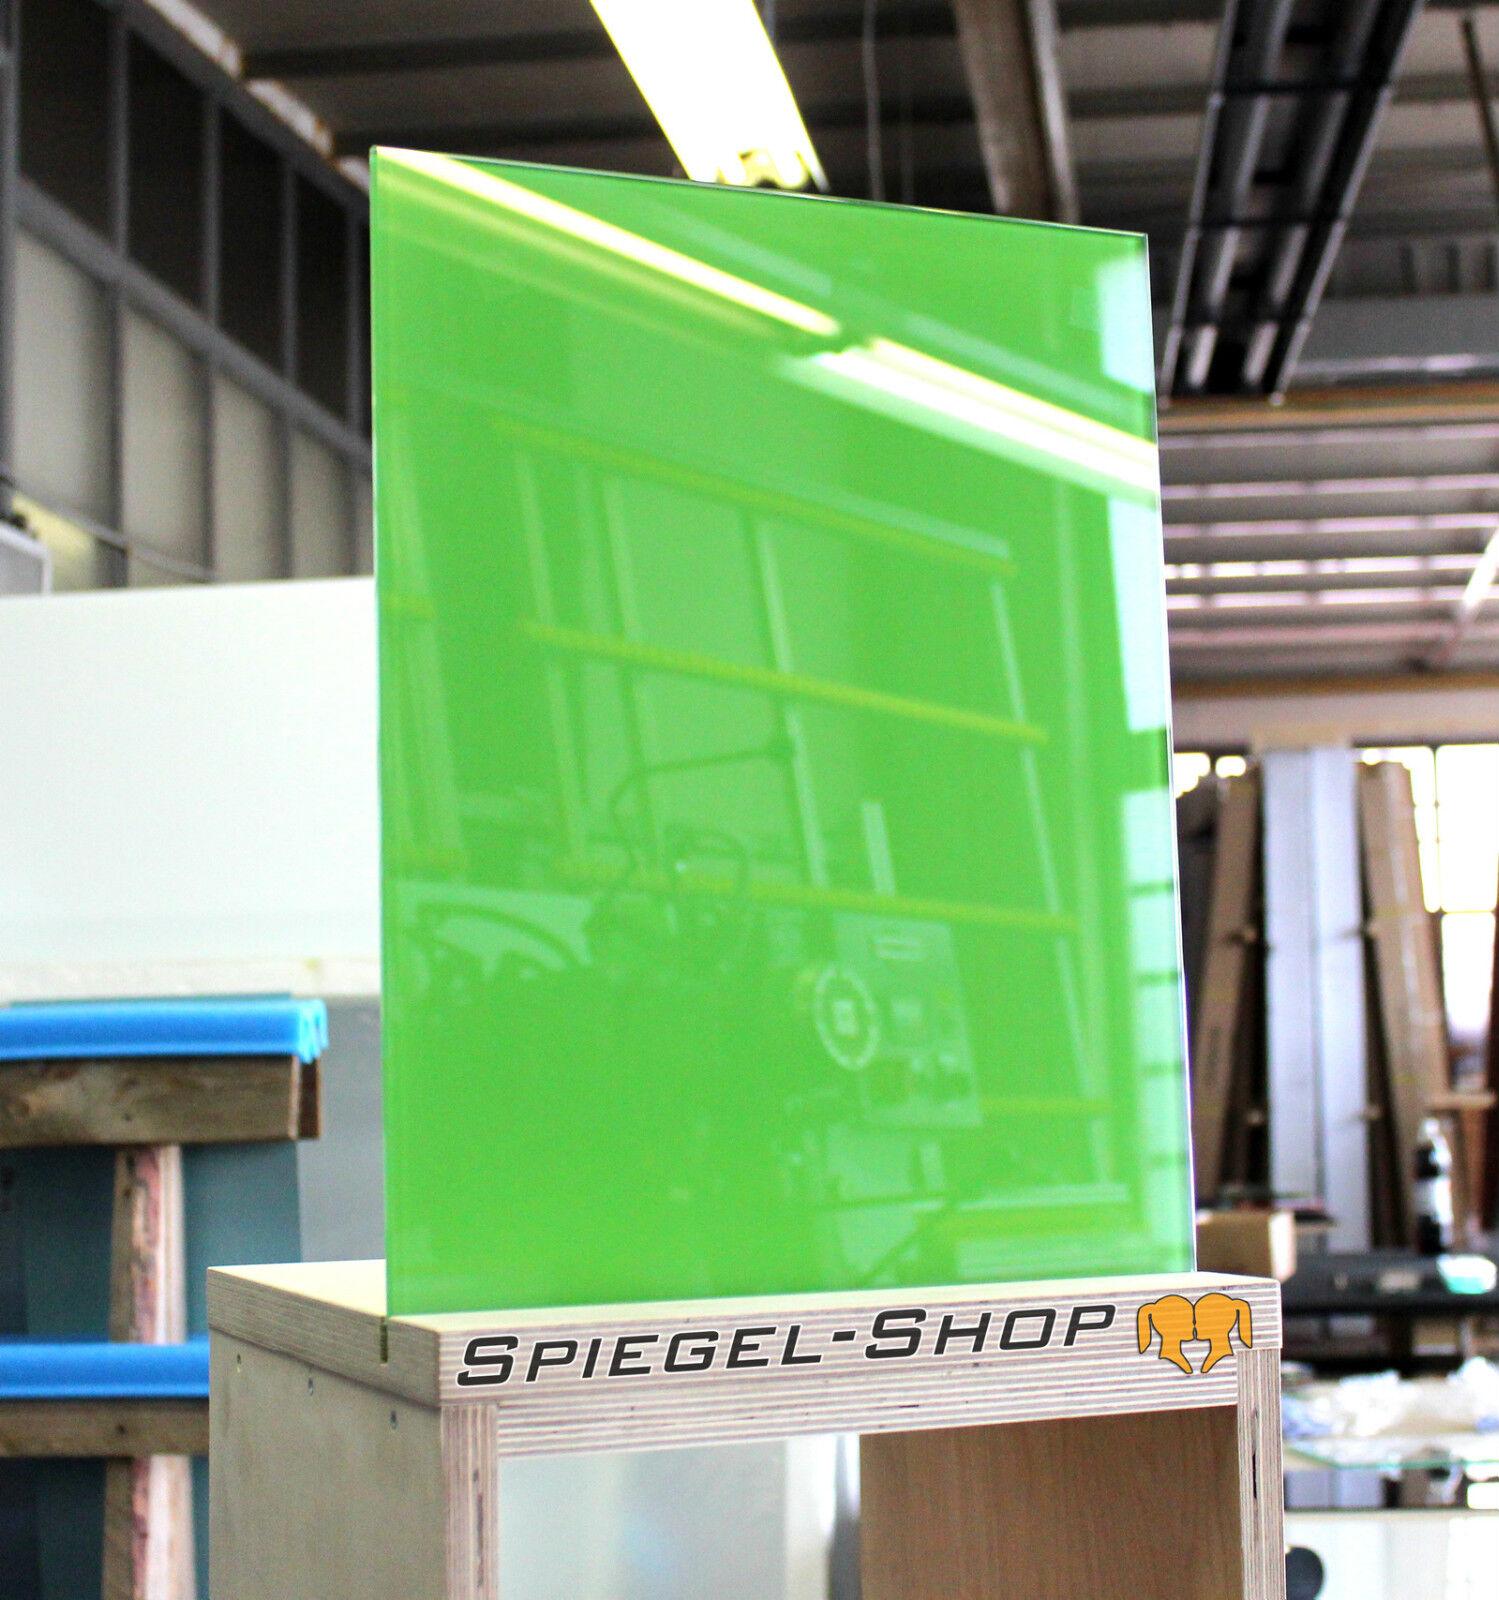 k252chenr252ckwand fliesenspiegel glas 4mm farbig lackiert f252r